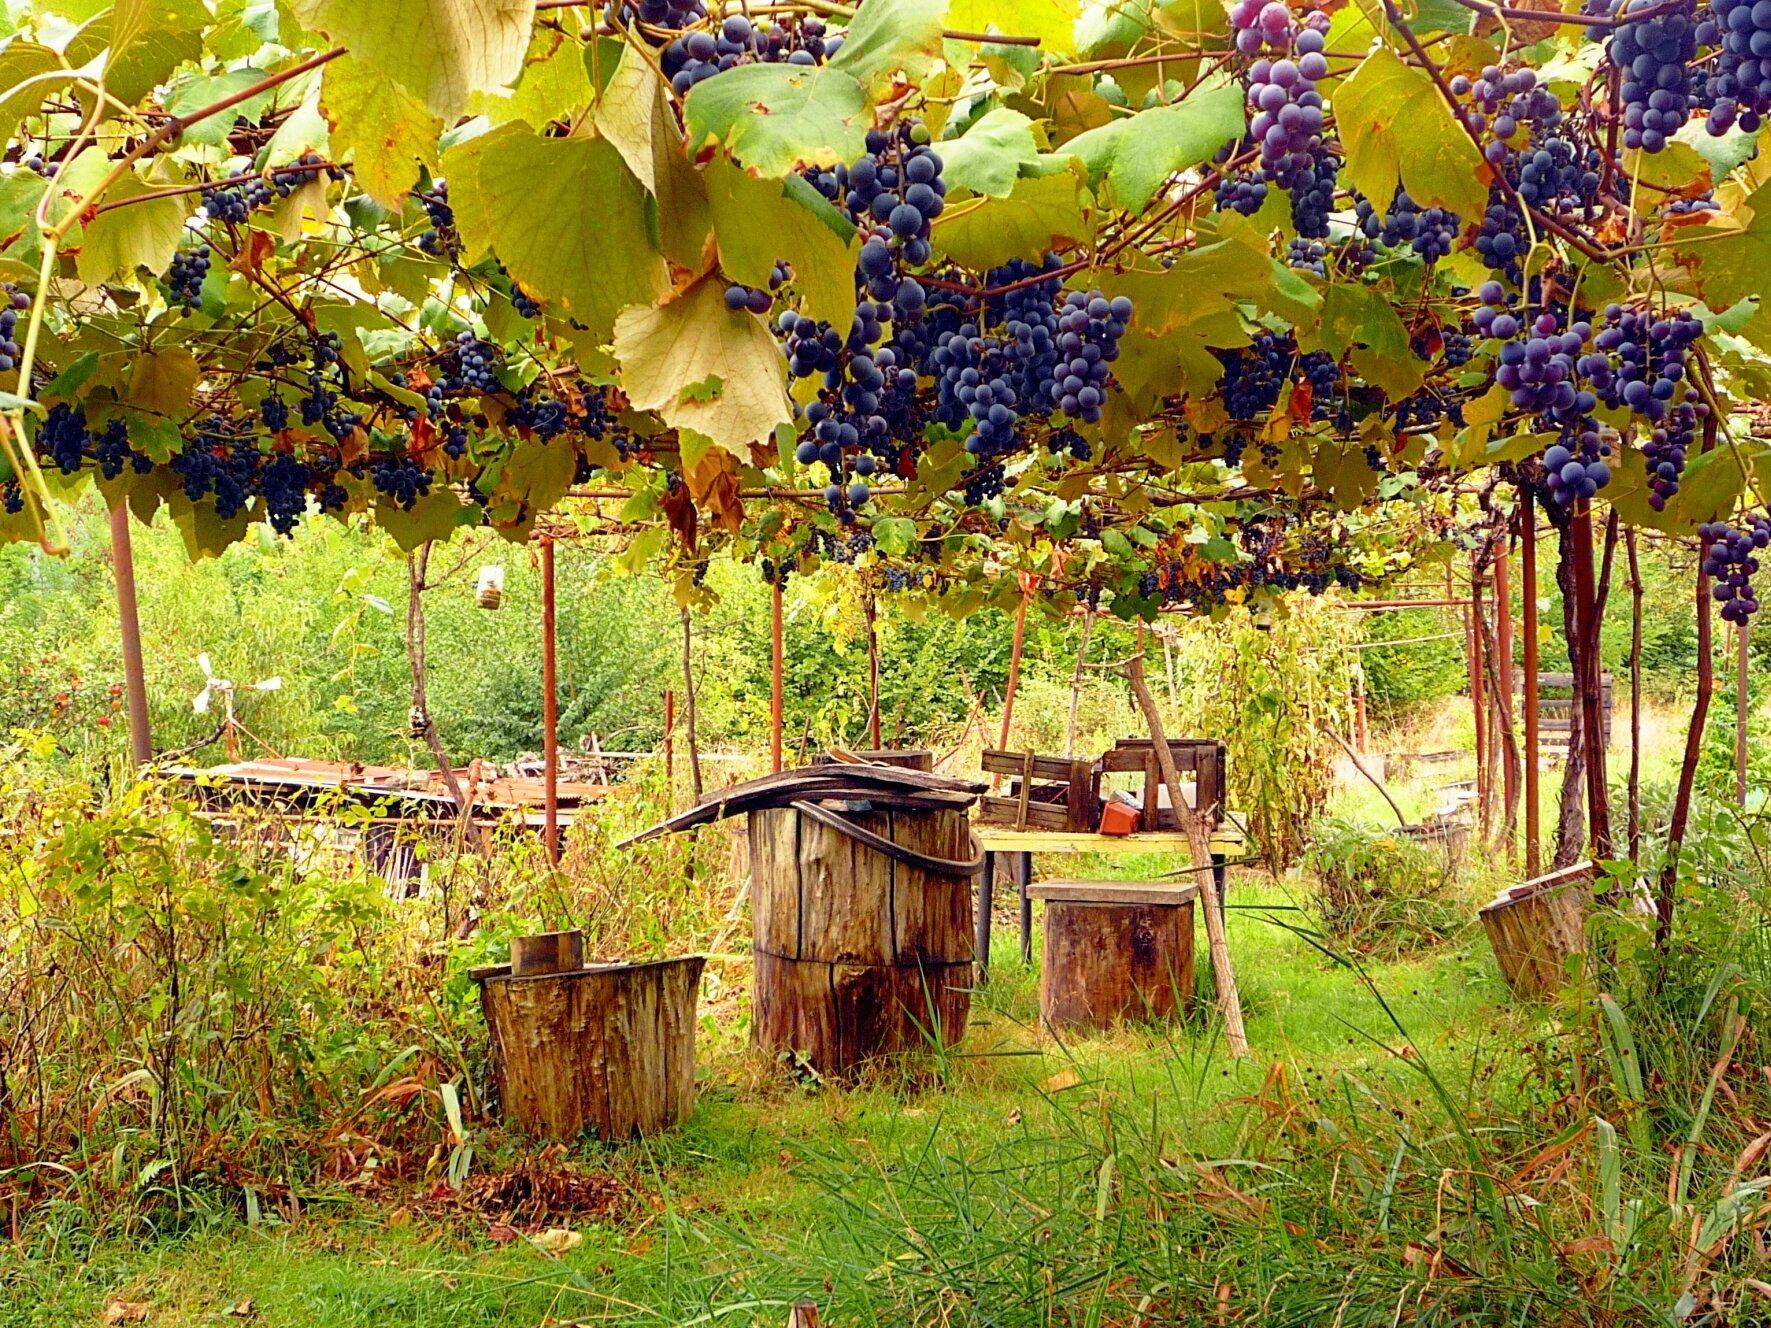 cabane tapie sous les raisins